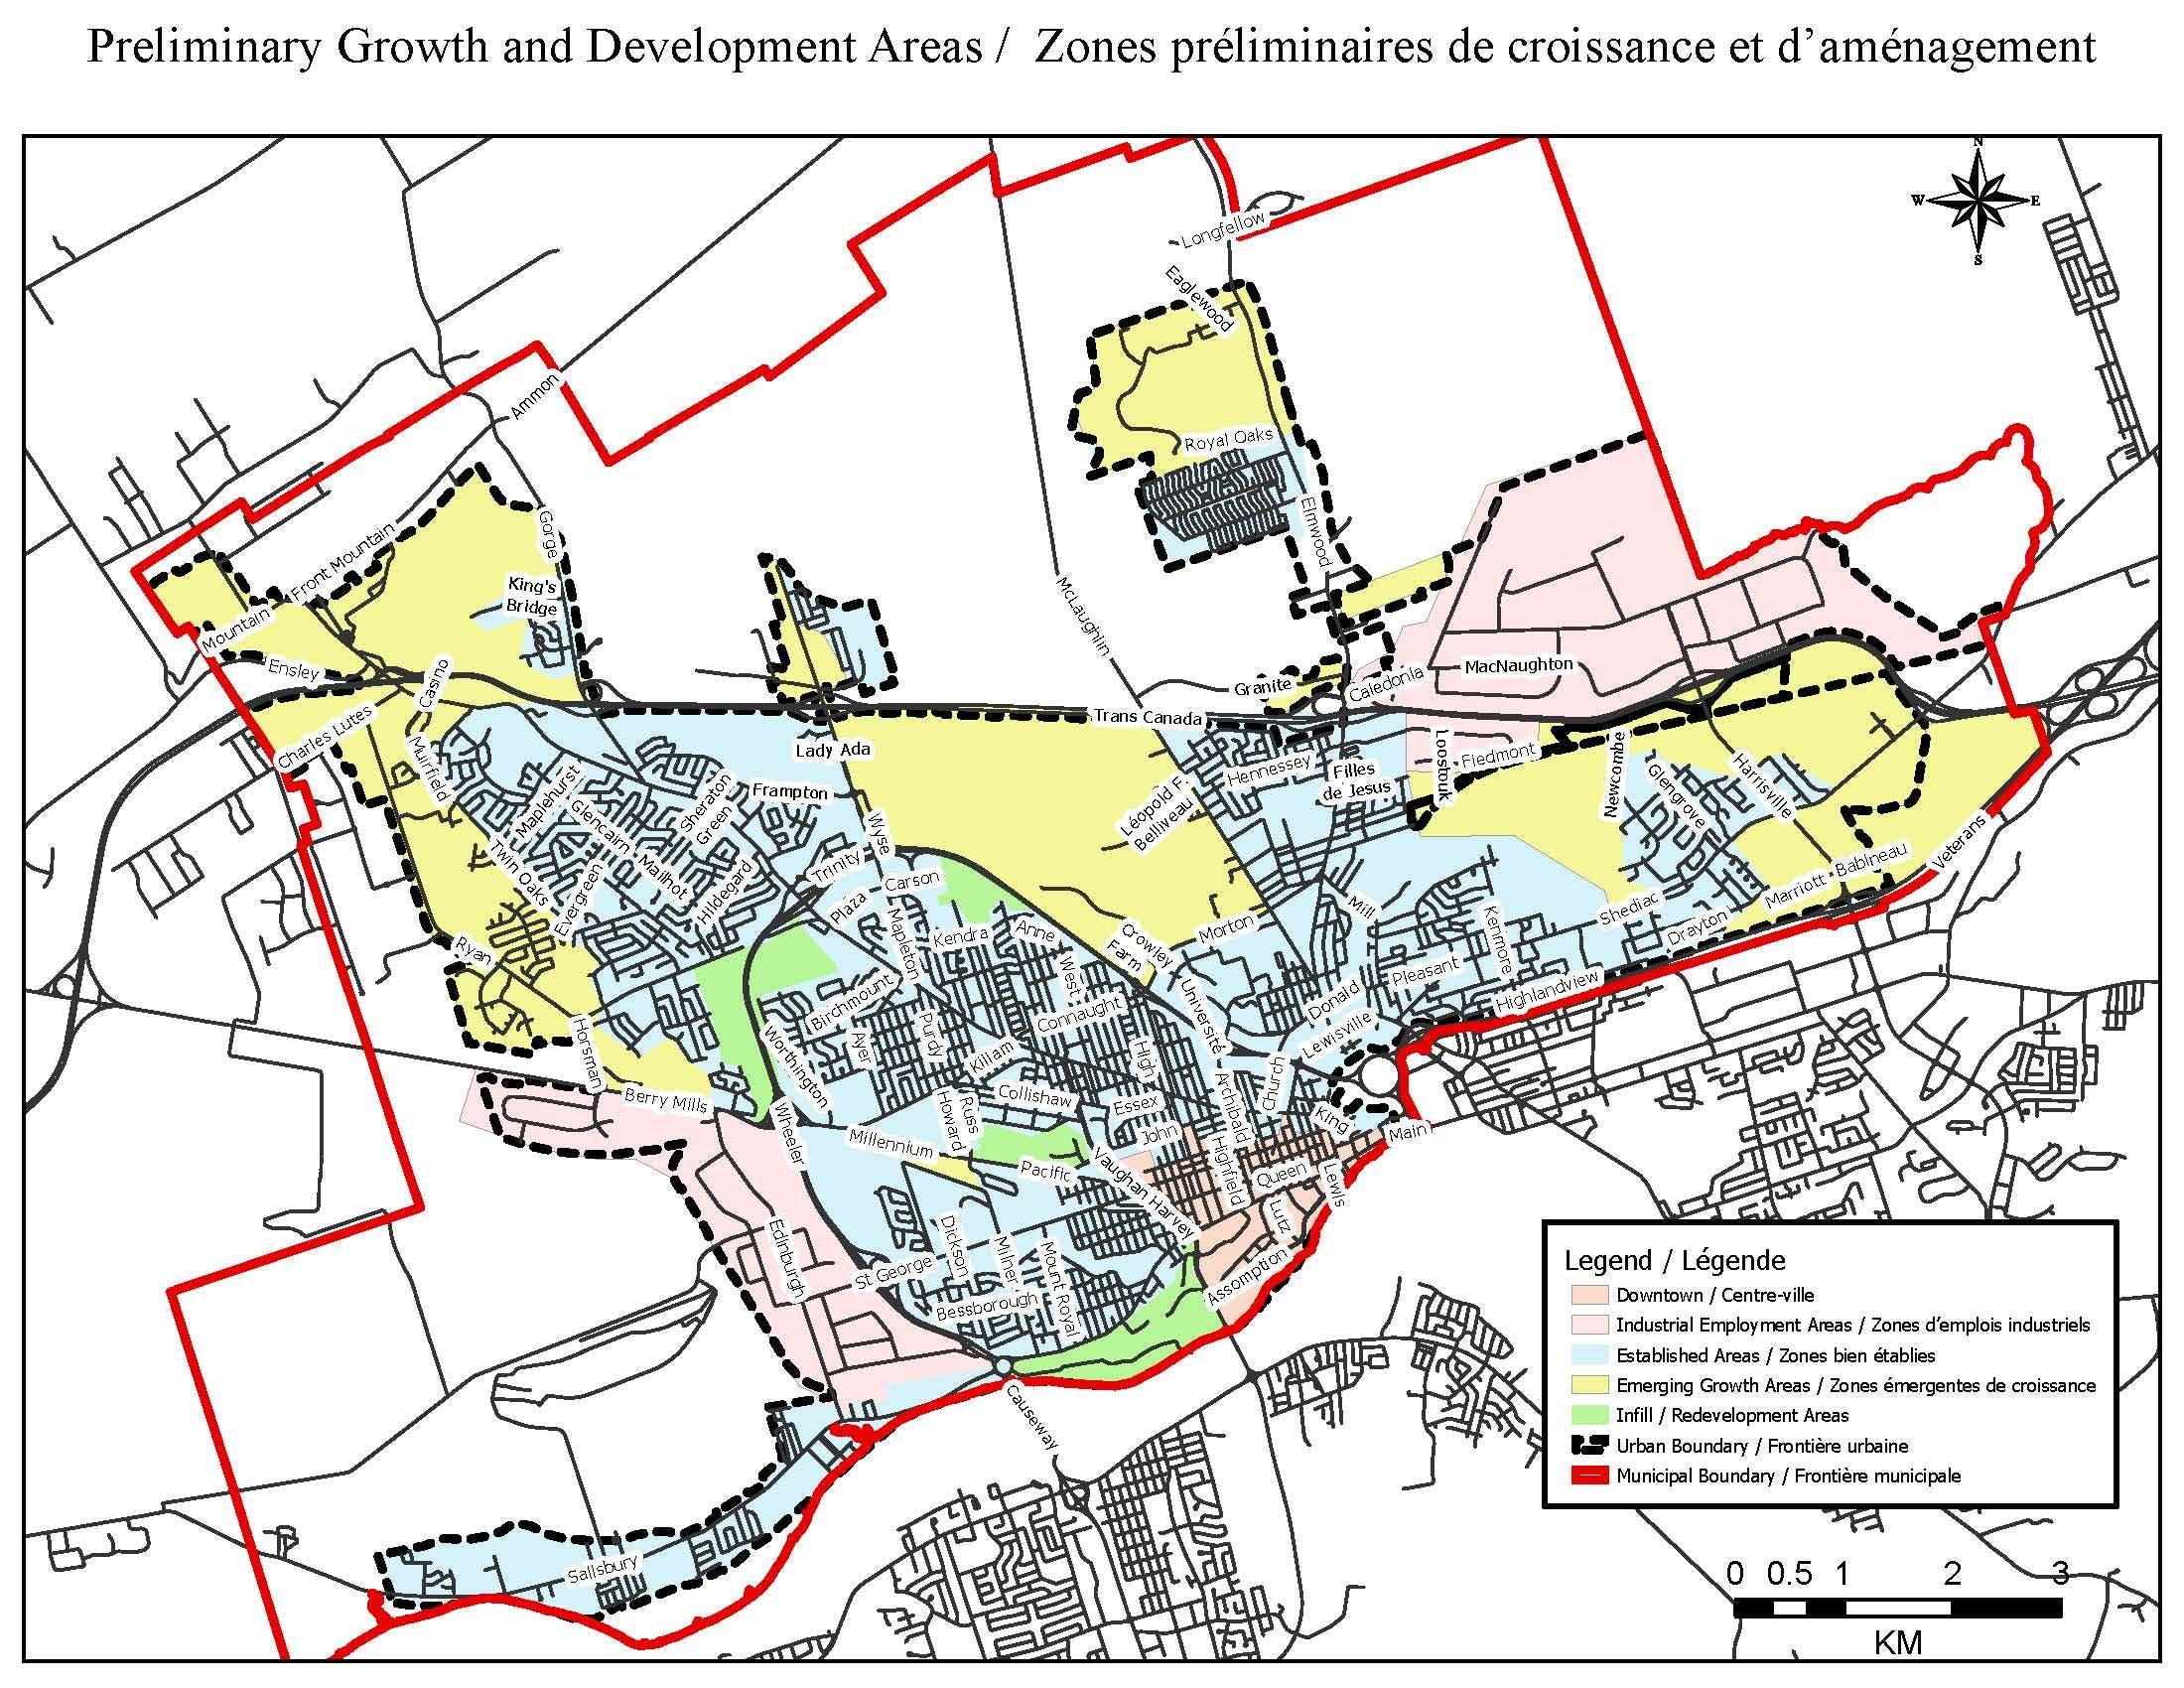 Zones préliminaires de croissance et d'aménagement